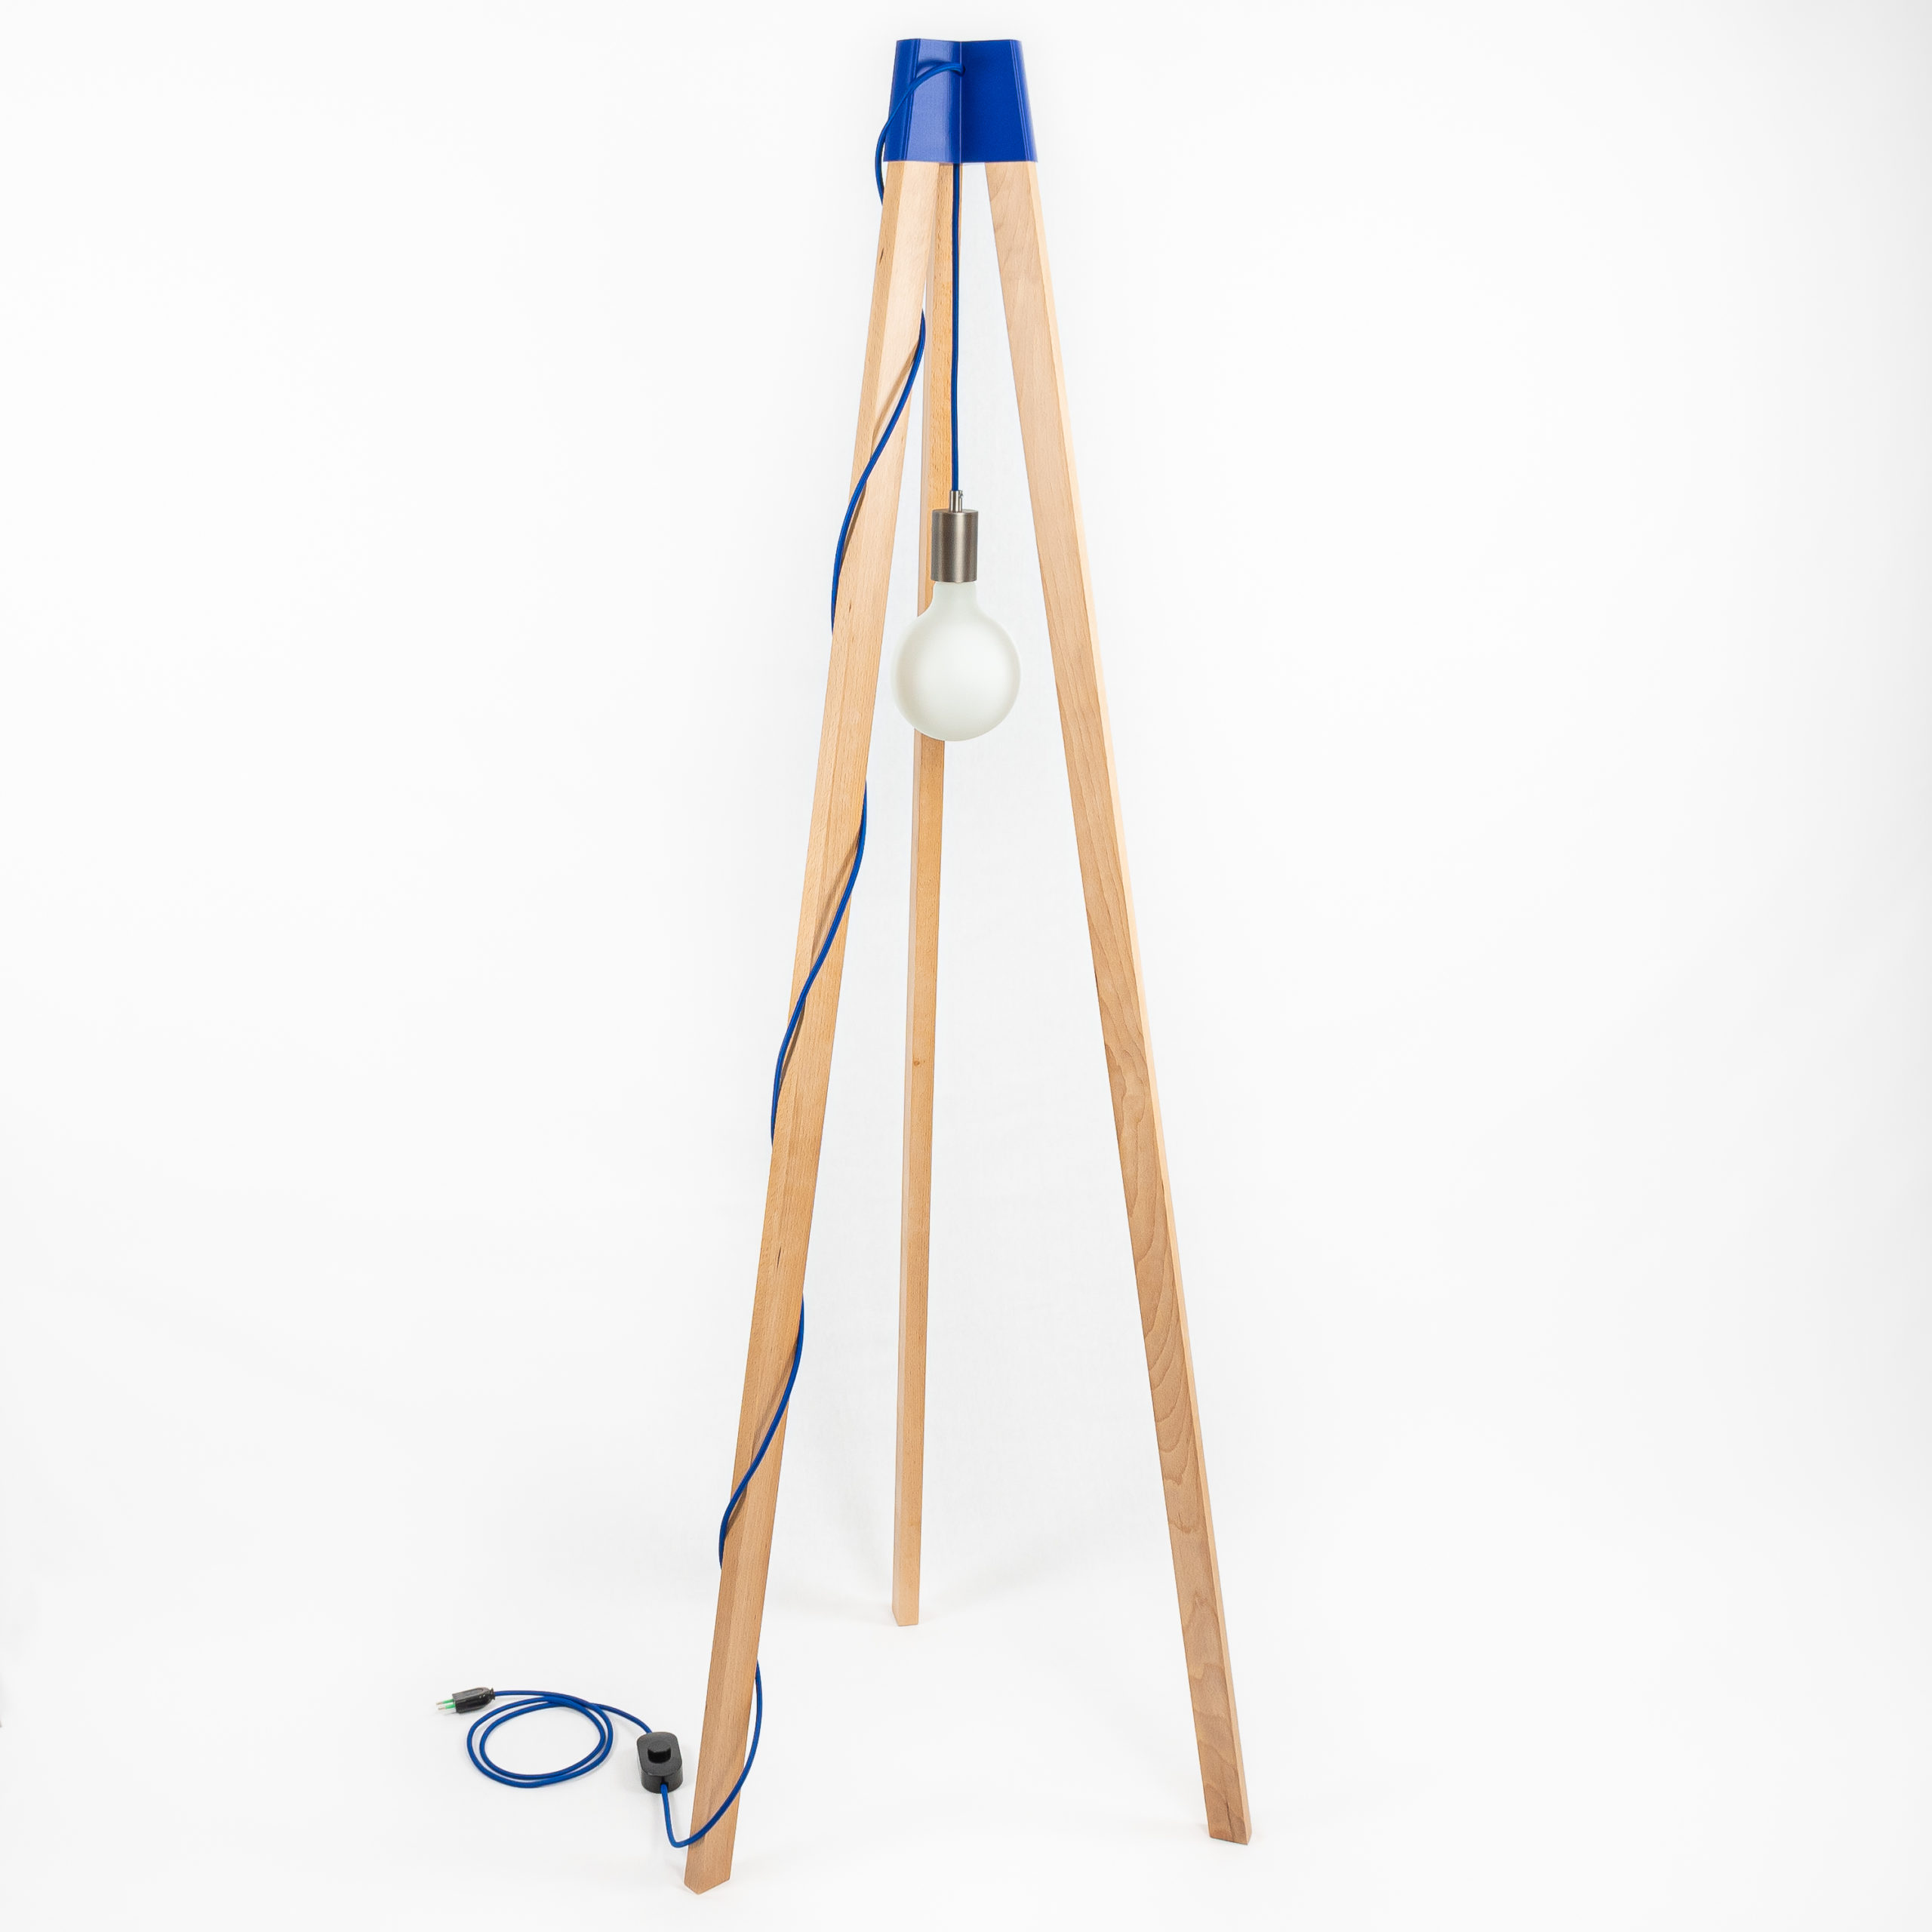 Photo lampe trépied Tipi, conception et fabrication @La Fabrique du Ciel Bleu, format carre